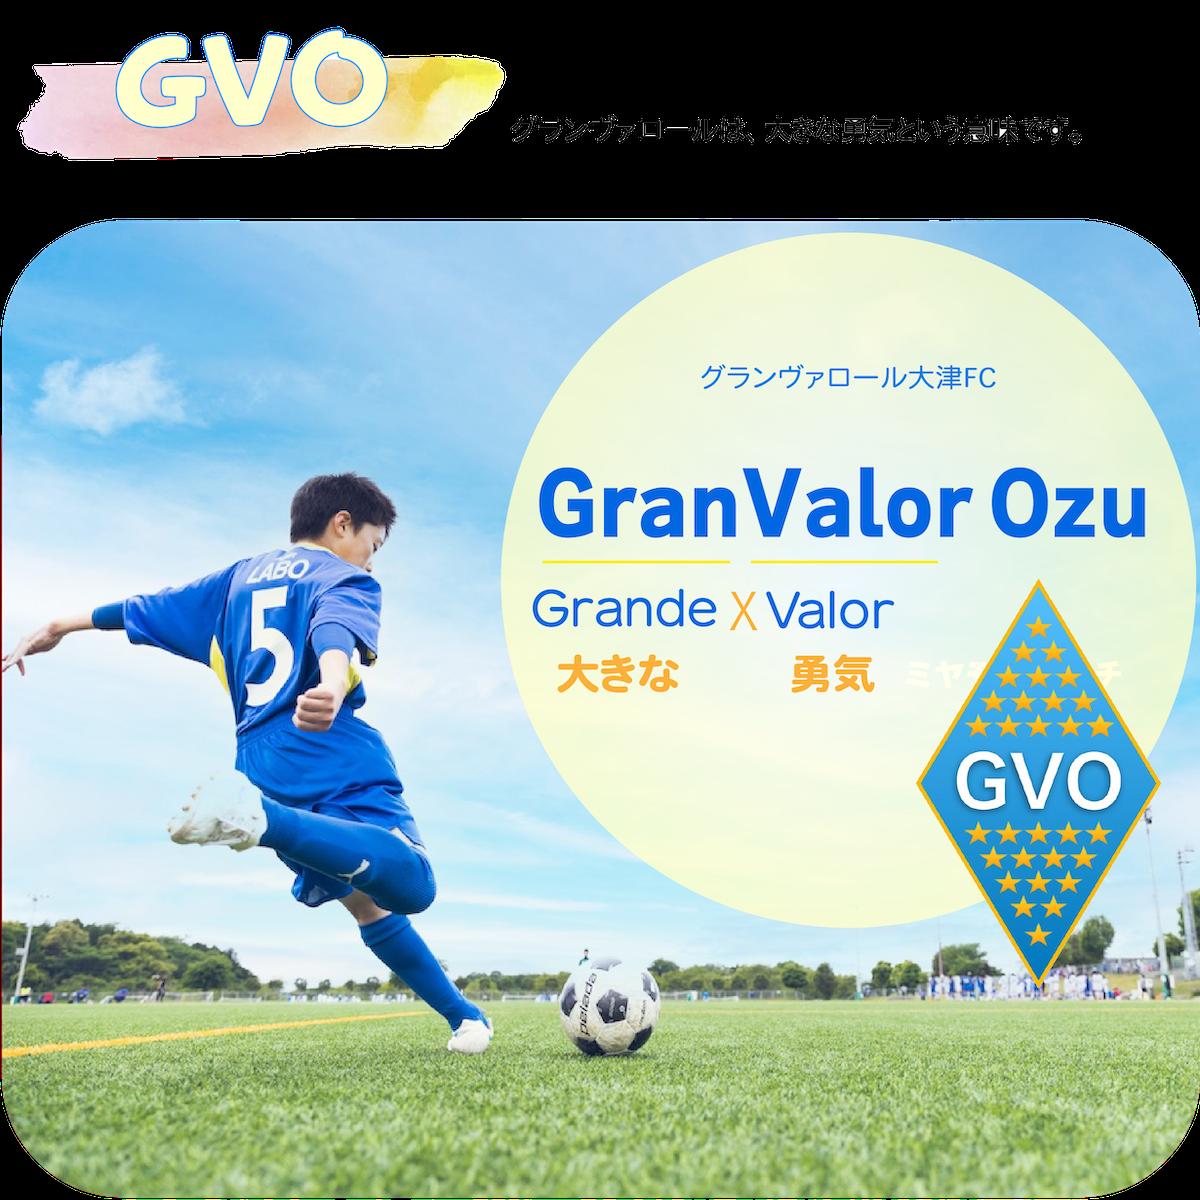 granvalor,granva,ozu,soccer,グランバロール,グランバ,大津町,サッカー